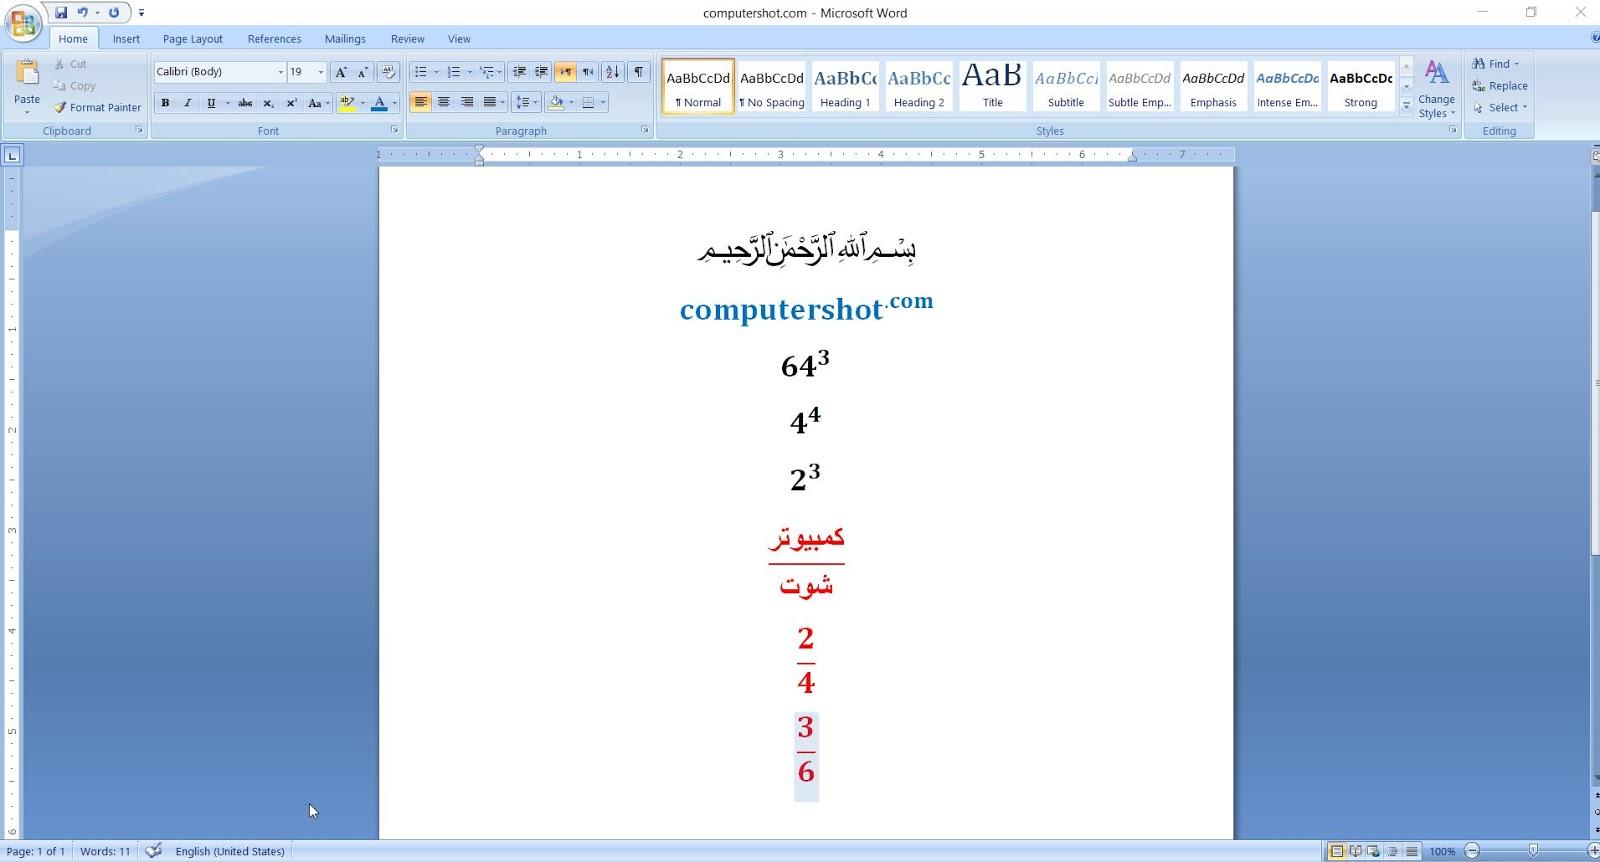 كيفية-كتابة-الكسور-والأسس-في-الوورد-Microsoft-Word